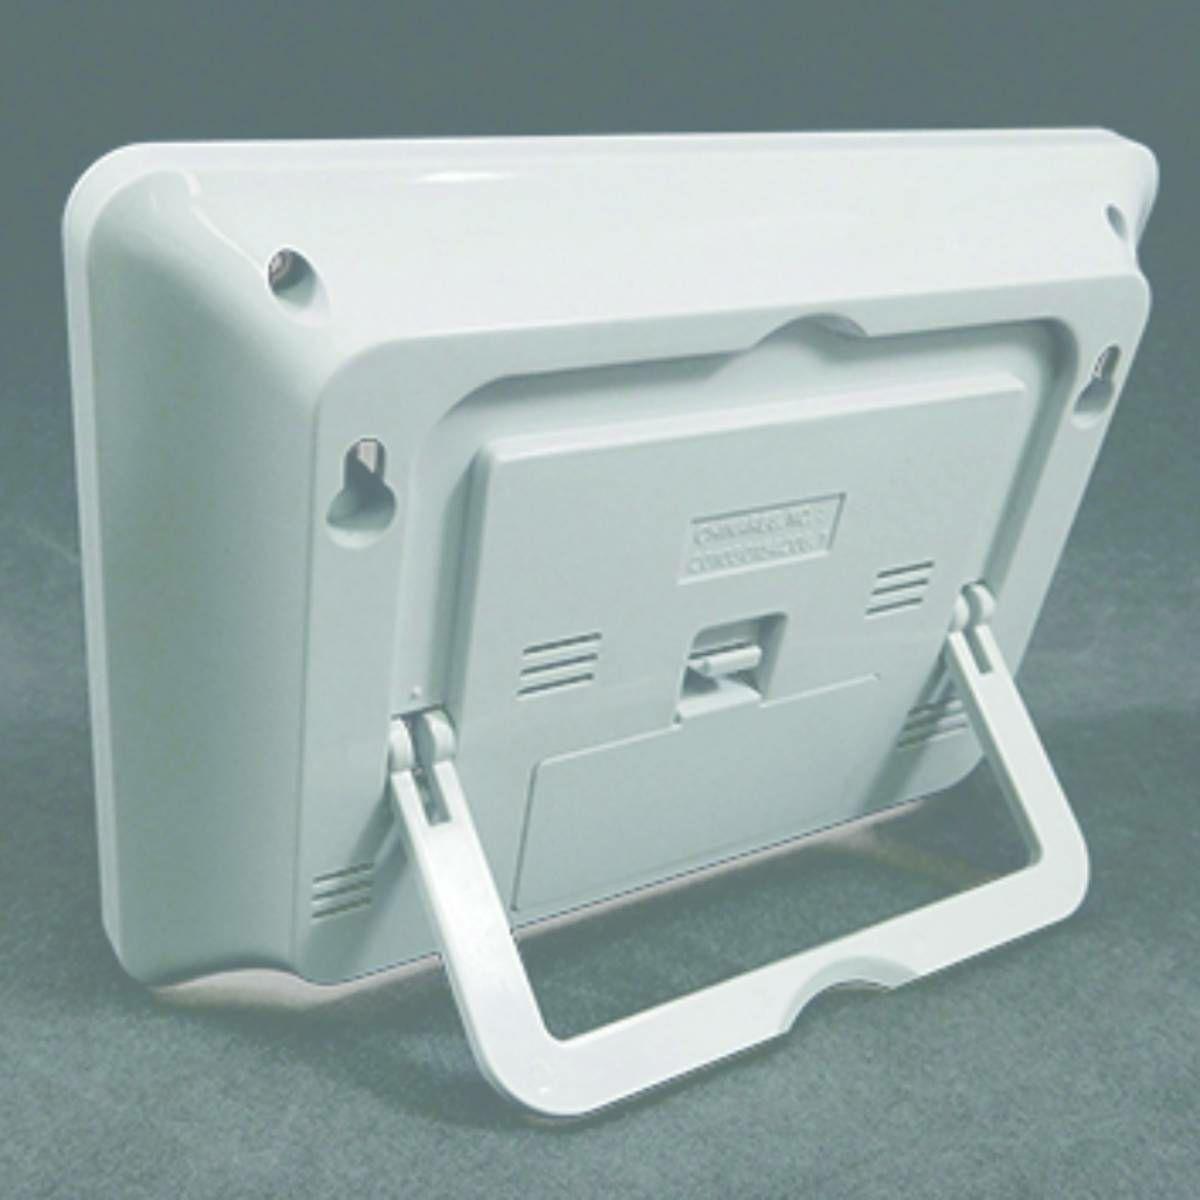 MAG(マグ) デジタル 電波 置時計 目覚まし時計 温度 湿度 カレンダー ケプラーT-693 ホワイト 1台